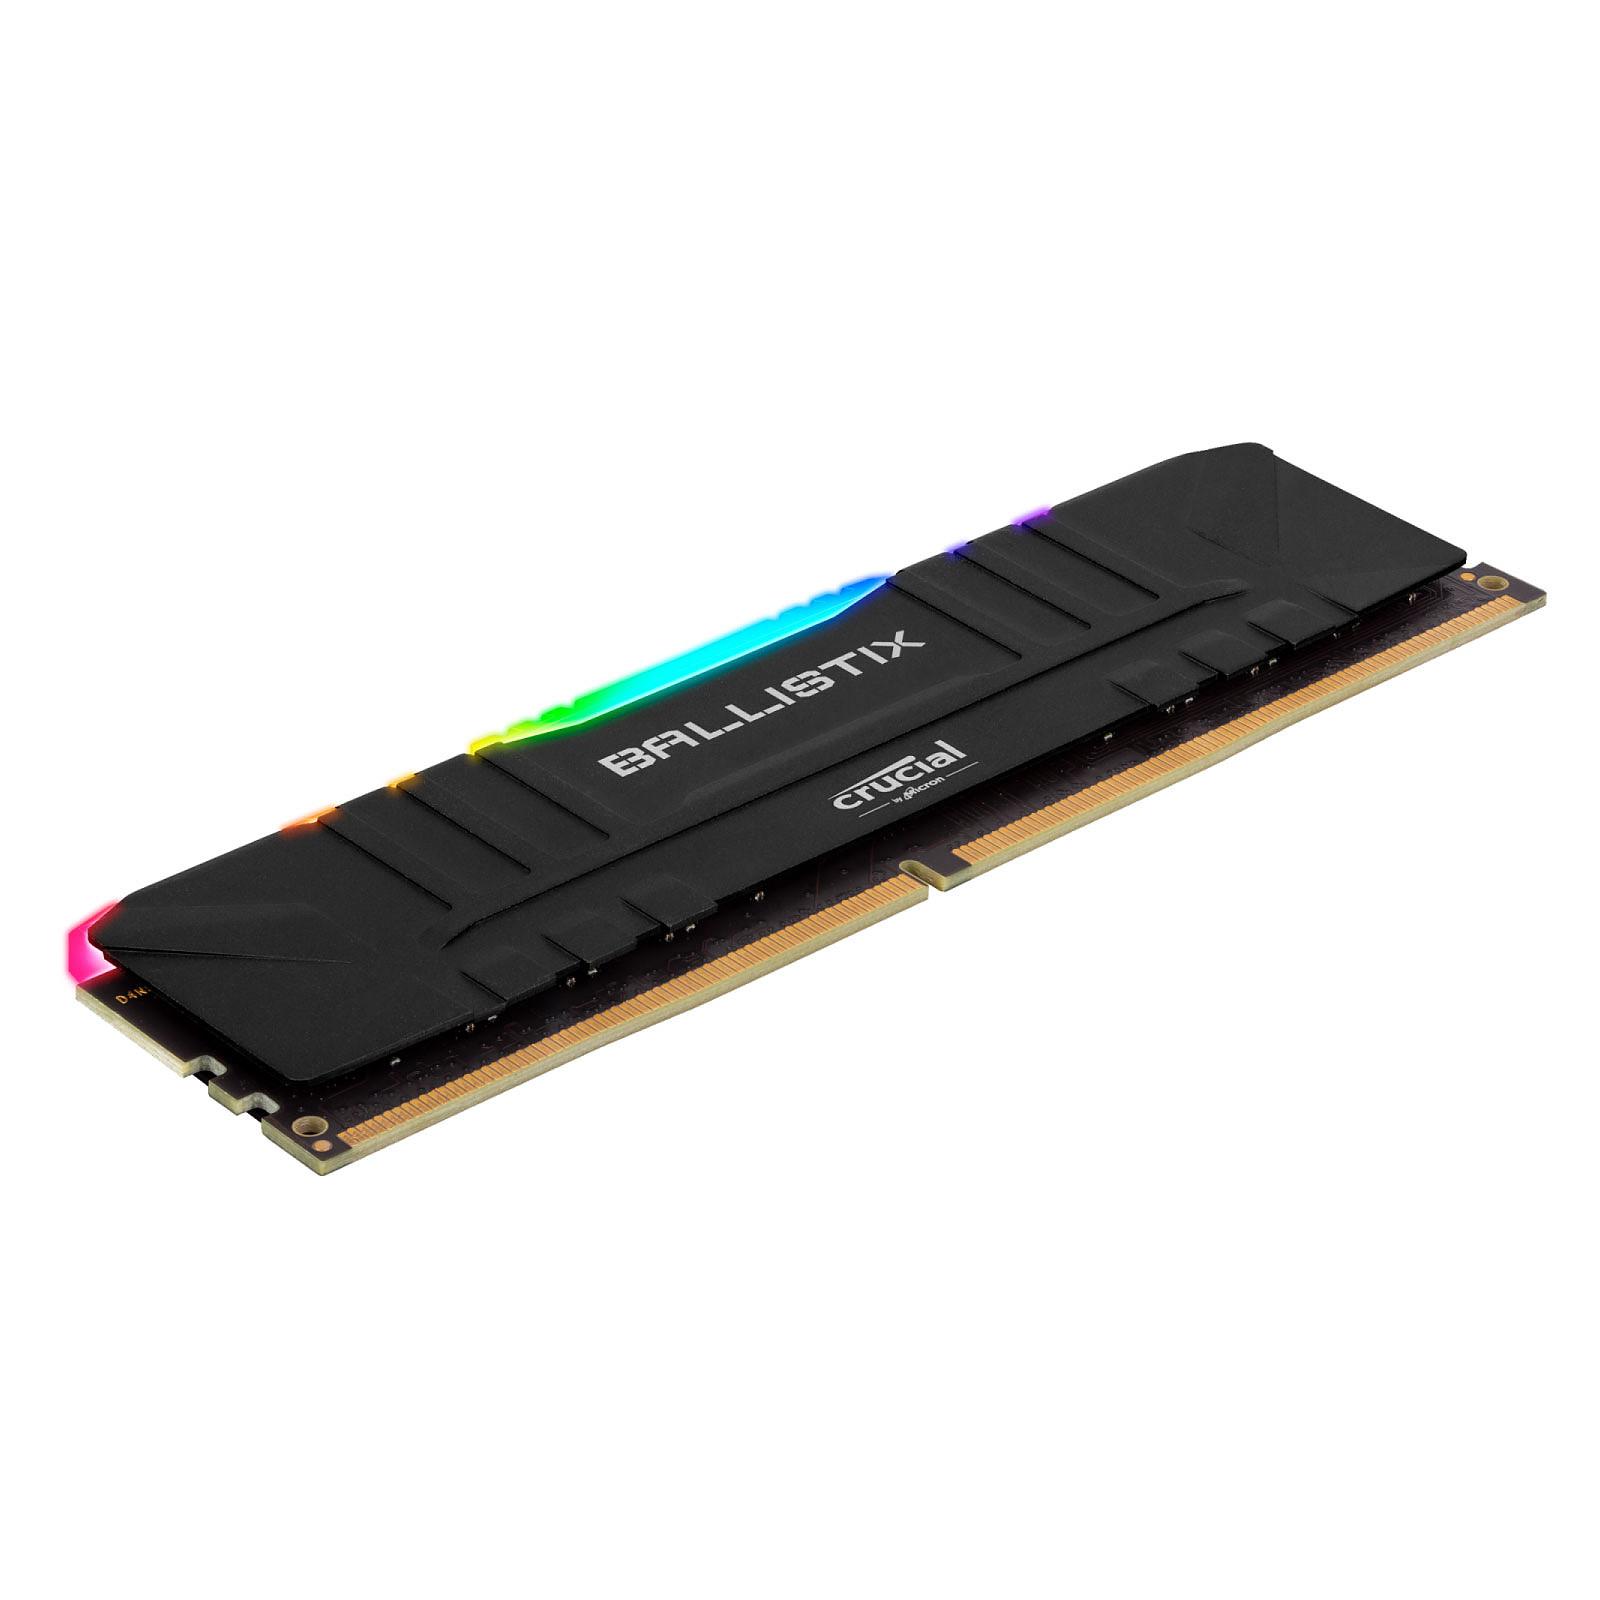 BL2K16G32C16U4BL RGB (2x16Go DDR4 3200 PC25600) (BL2K16G32C16U4BL) - Achat / Vente Mémoire PC sur Picata.fr - 1